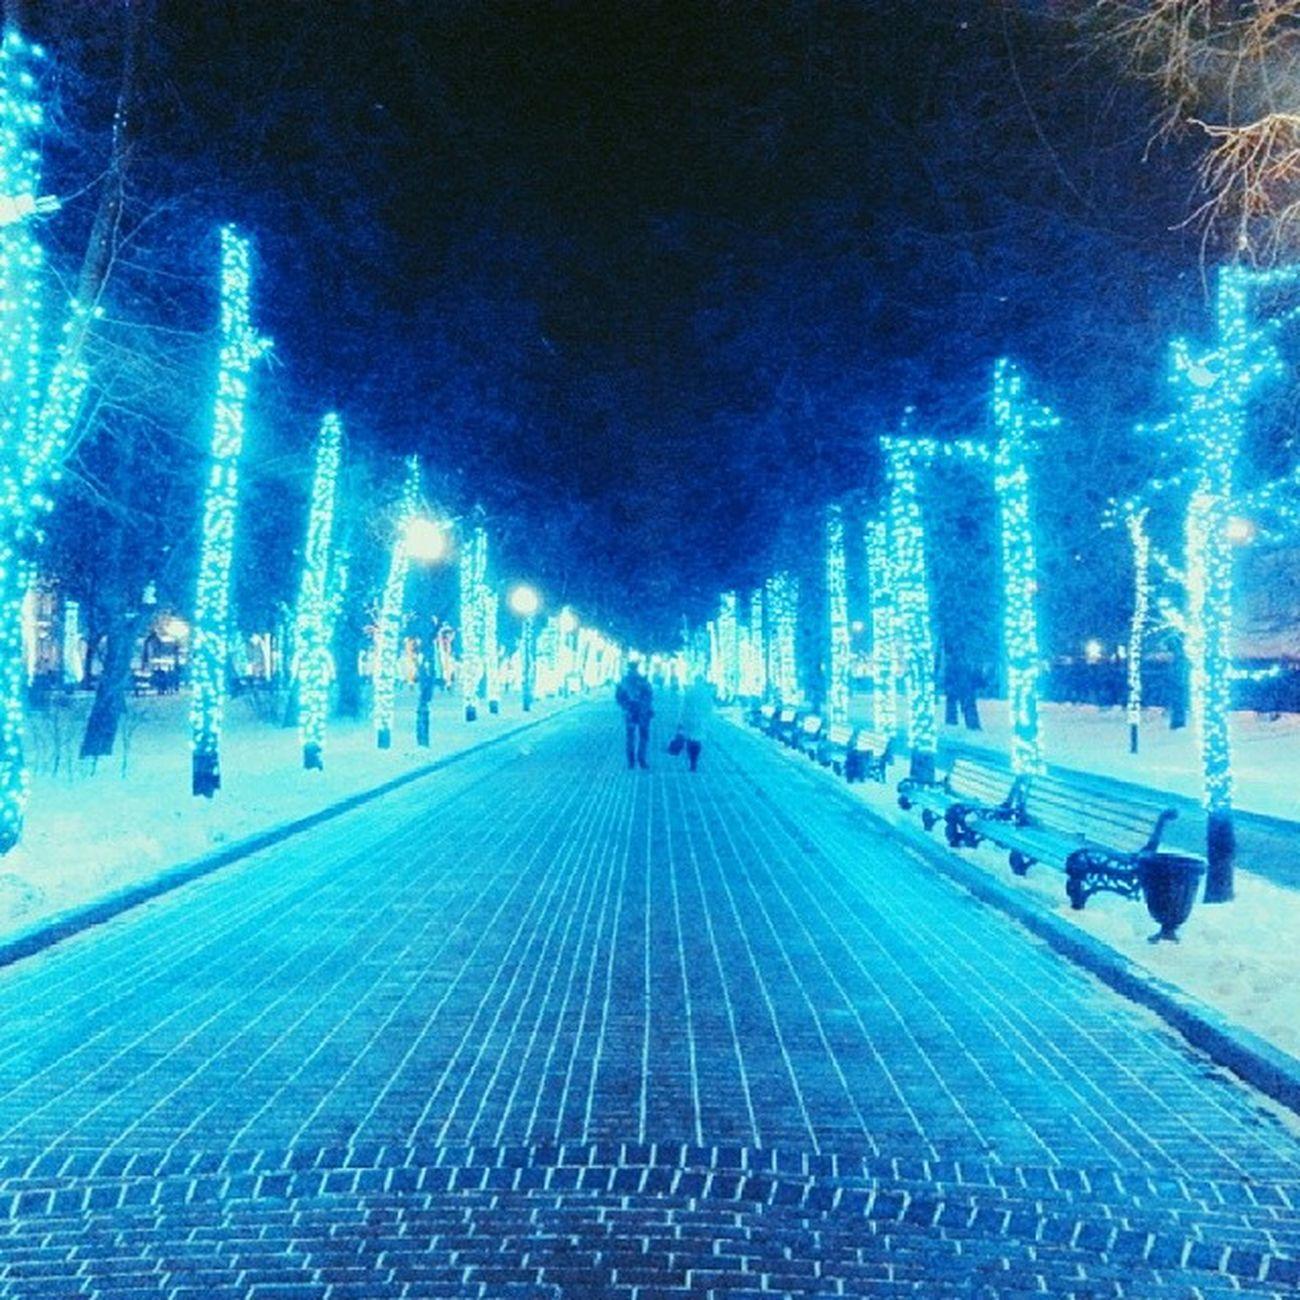 чистые чп чистыепруды бульвар лед зима зима2014